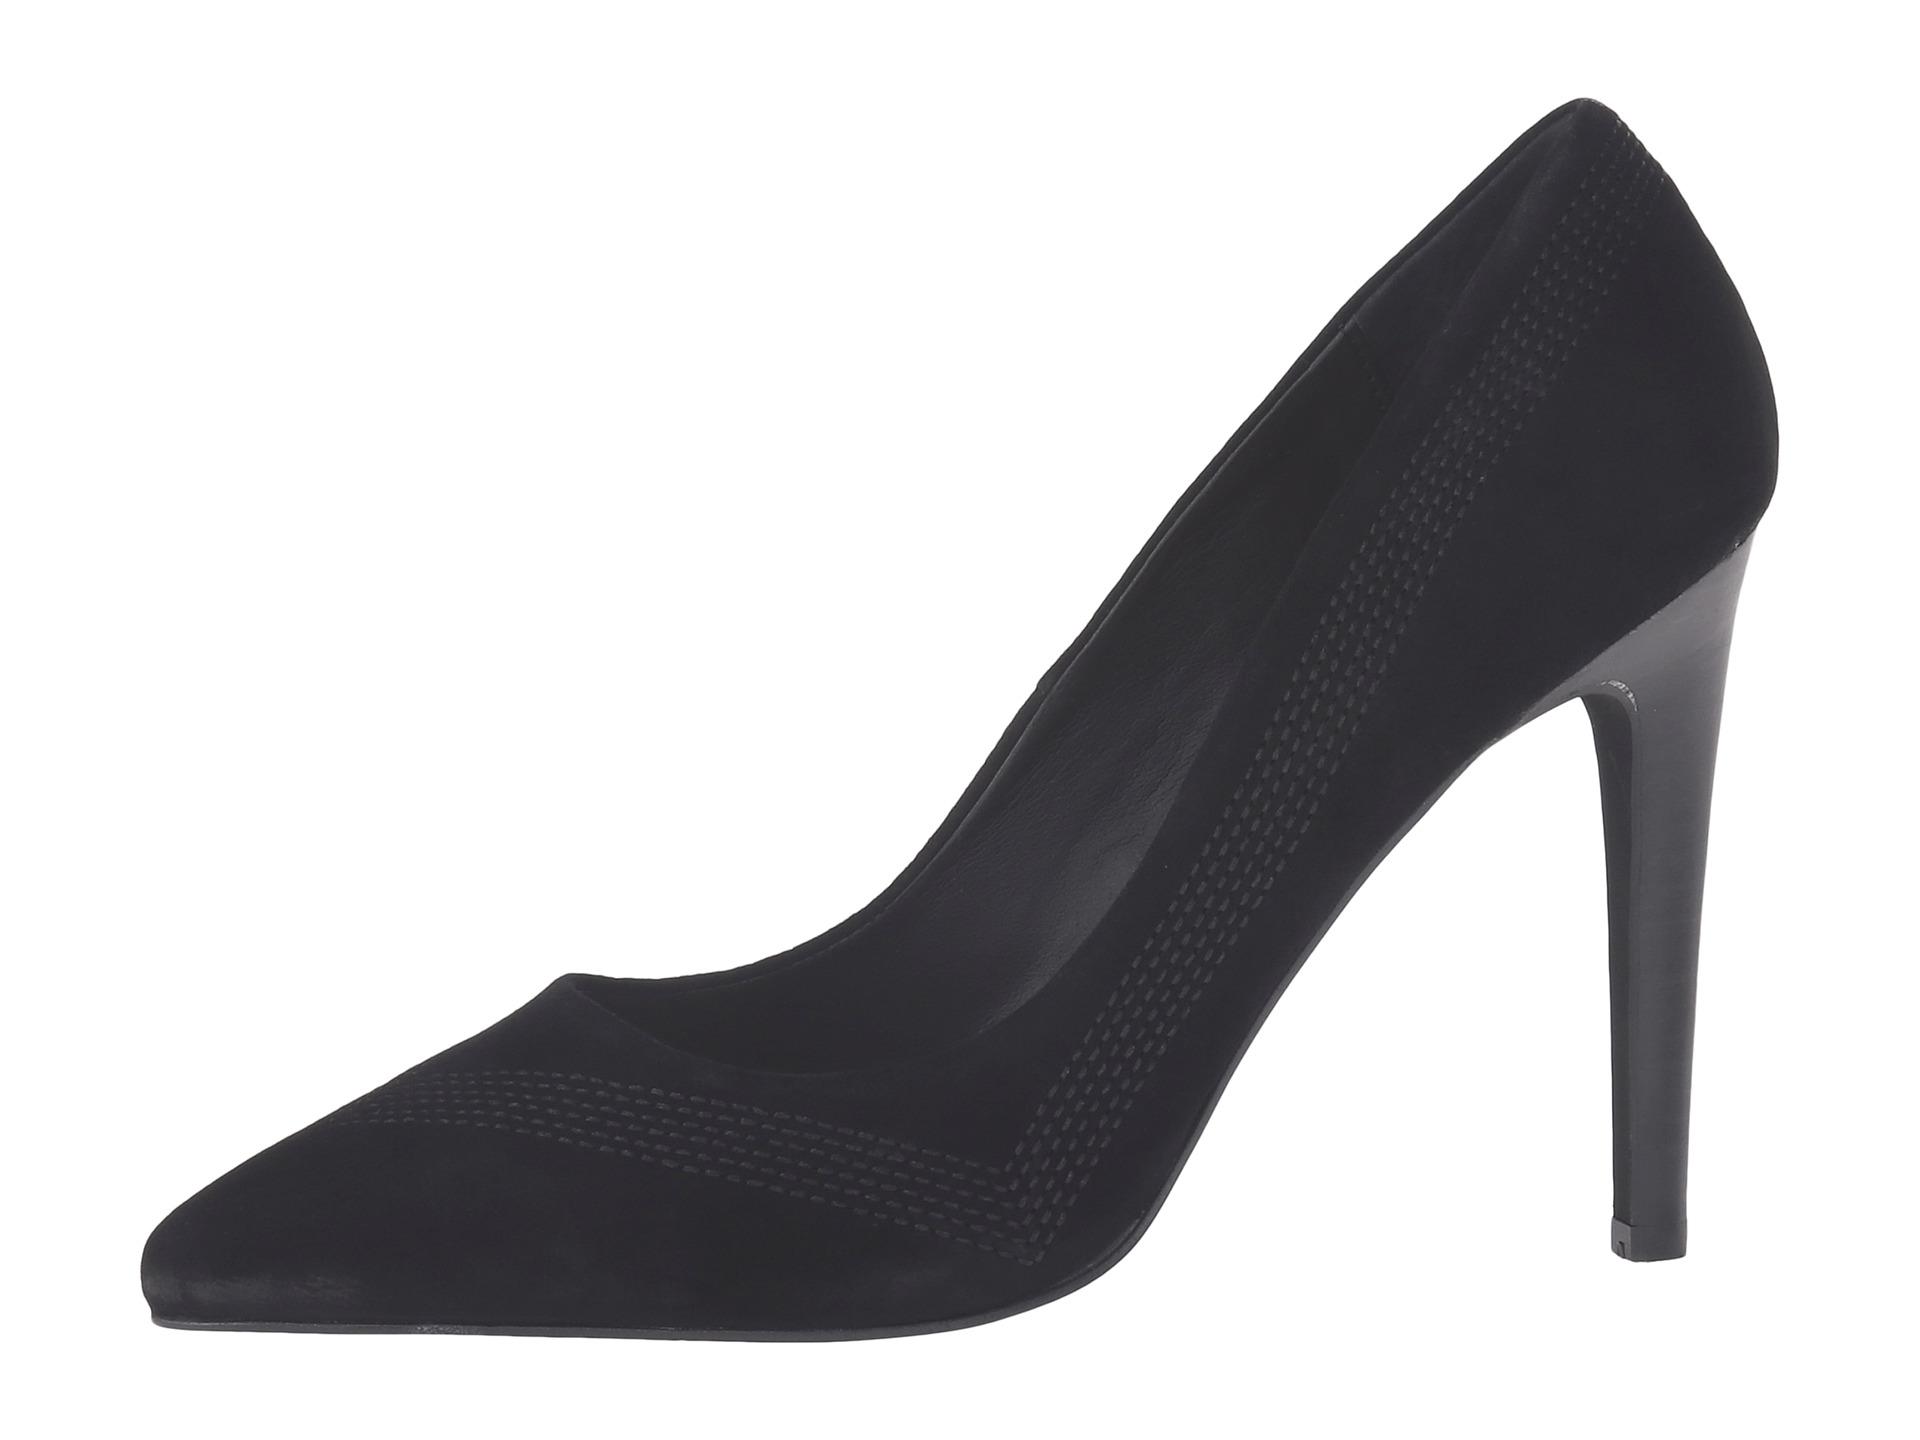 Joe's Jeans Women's Ned Dress Pump Black/White Size 6.0